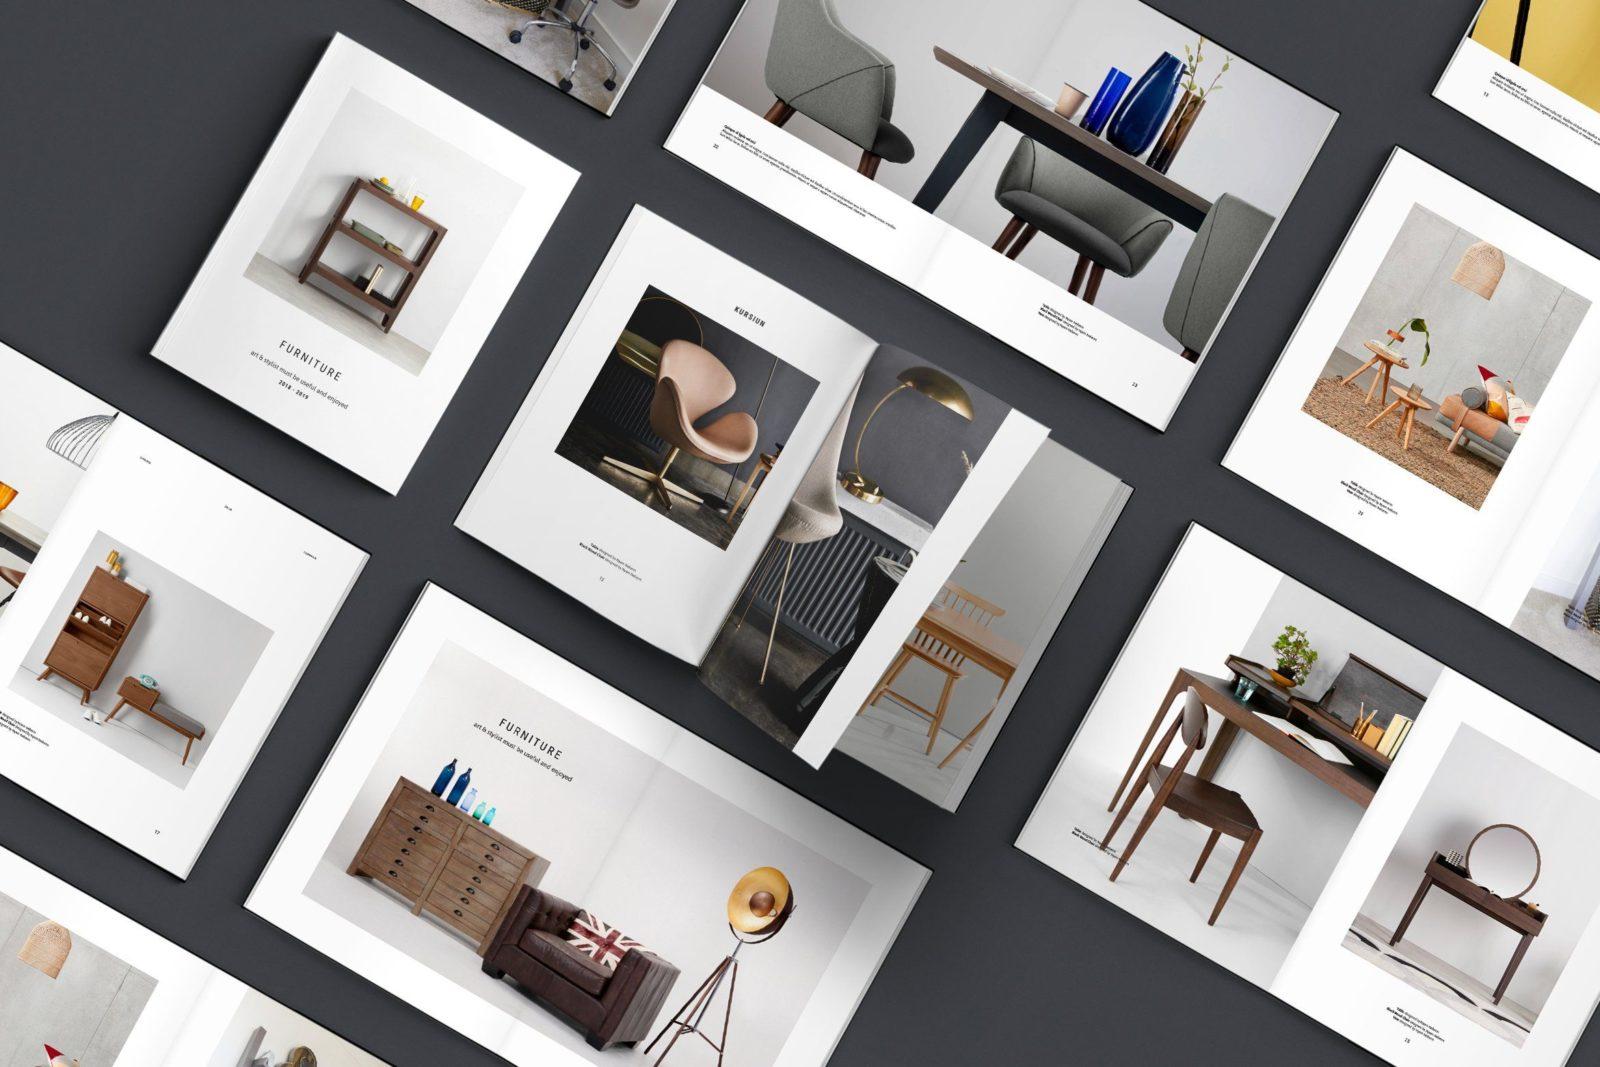 Besuchen Sie unseren virtuellen Katalog